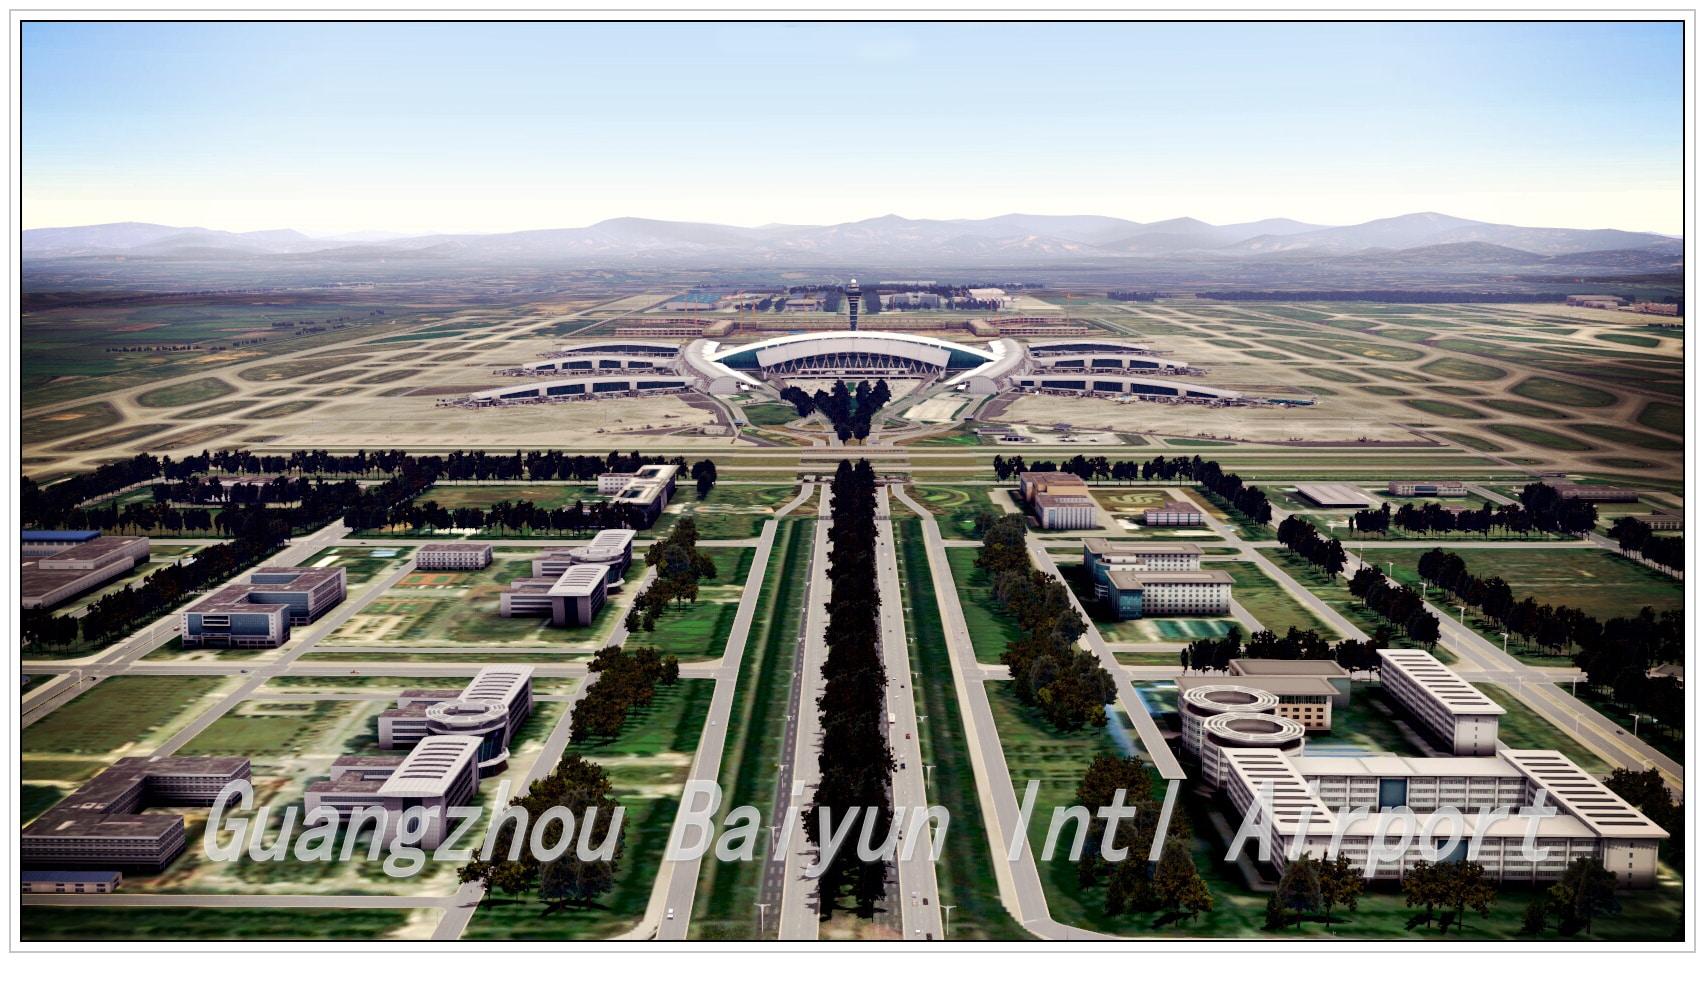 Paul studio guangzhou baiyun pour xp10 simflight france for Paul s garden studios